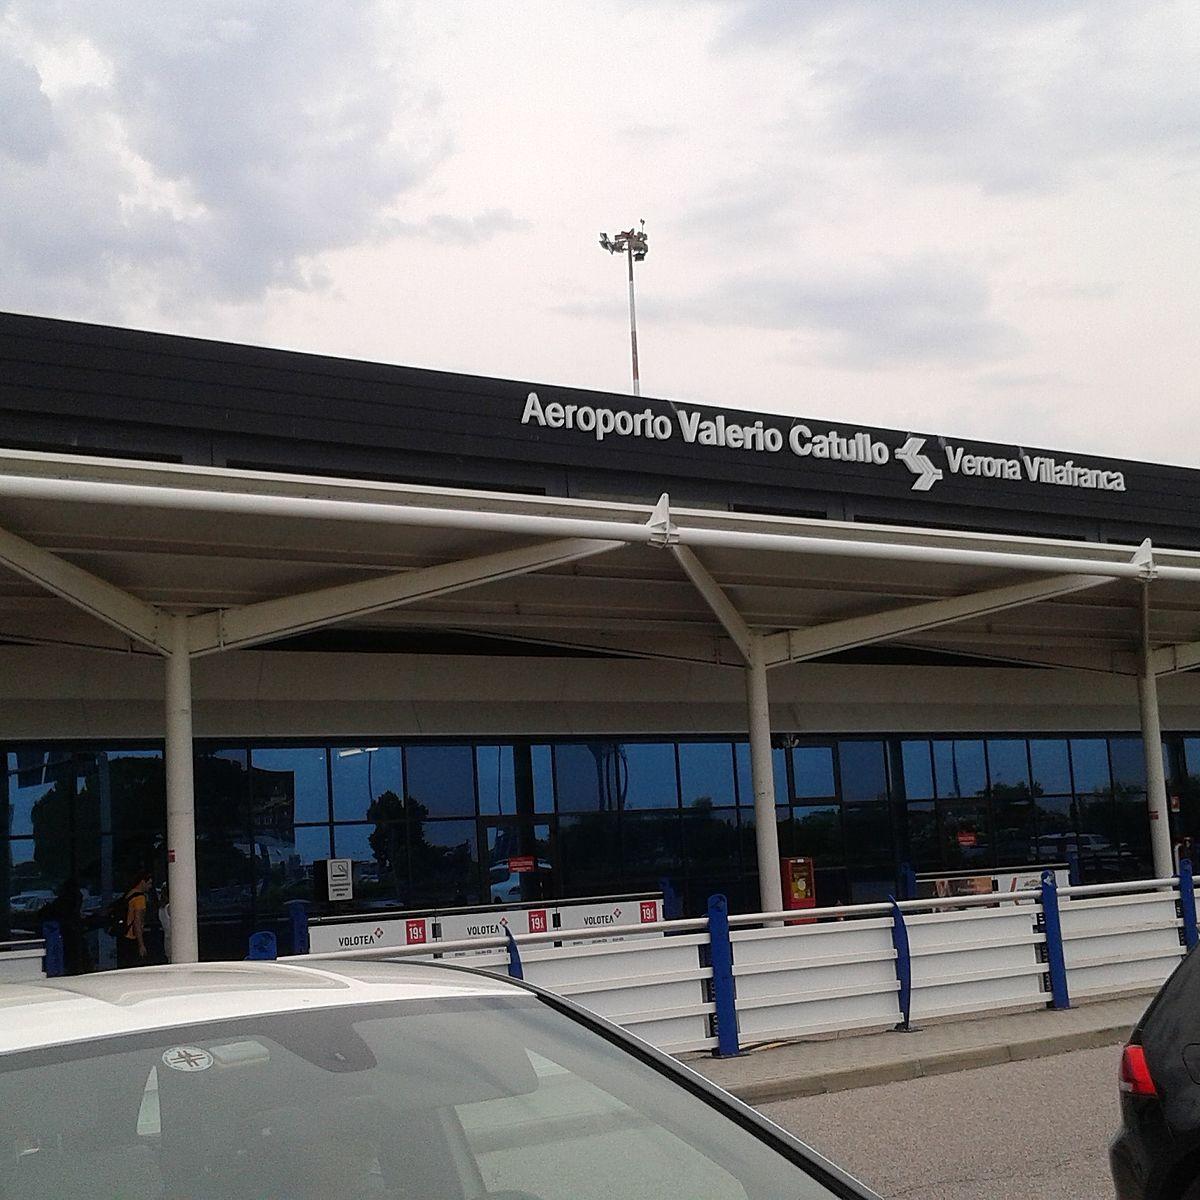 Aeroporto Zanzibar Partenze : Aeroporto di verona villafranca wikipedia